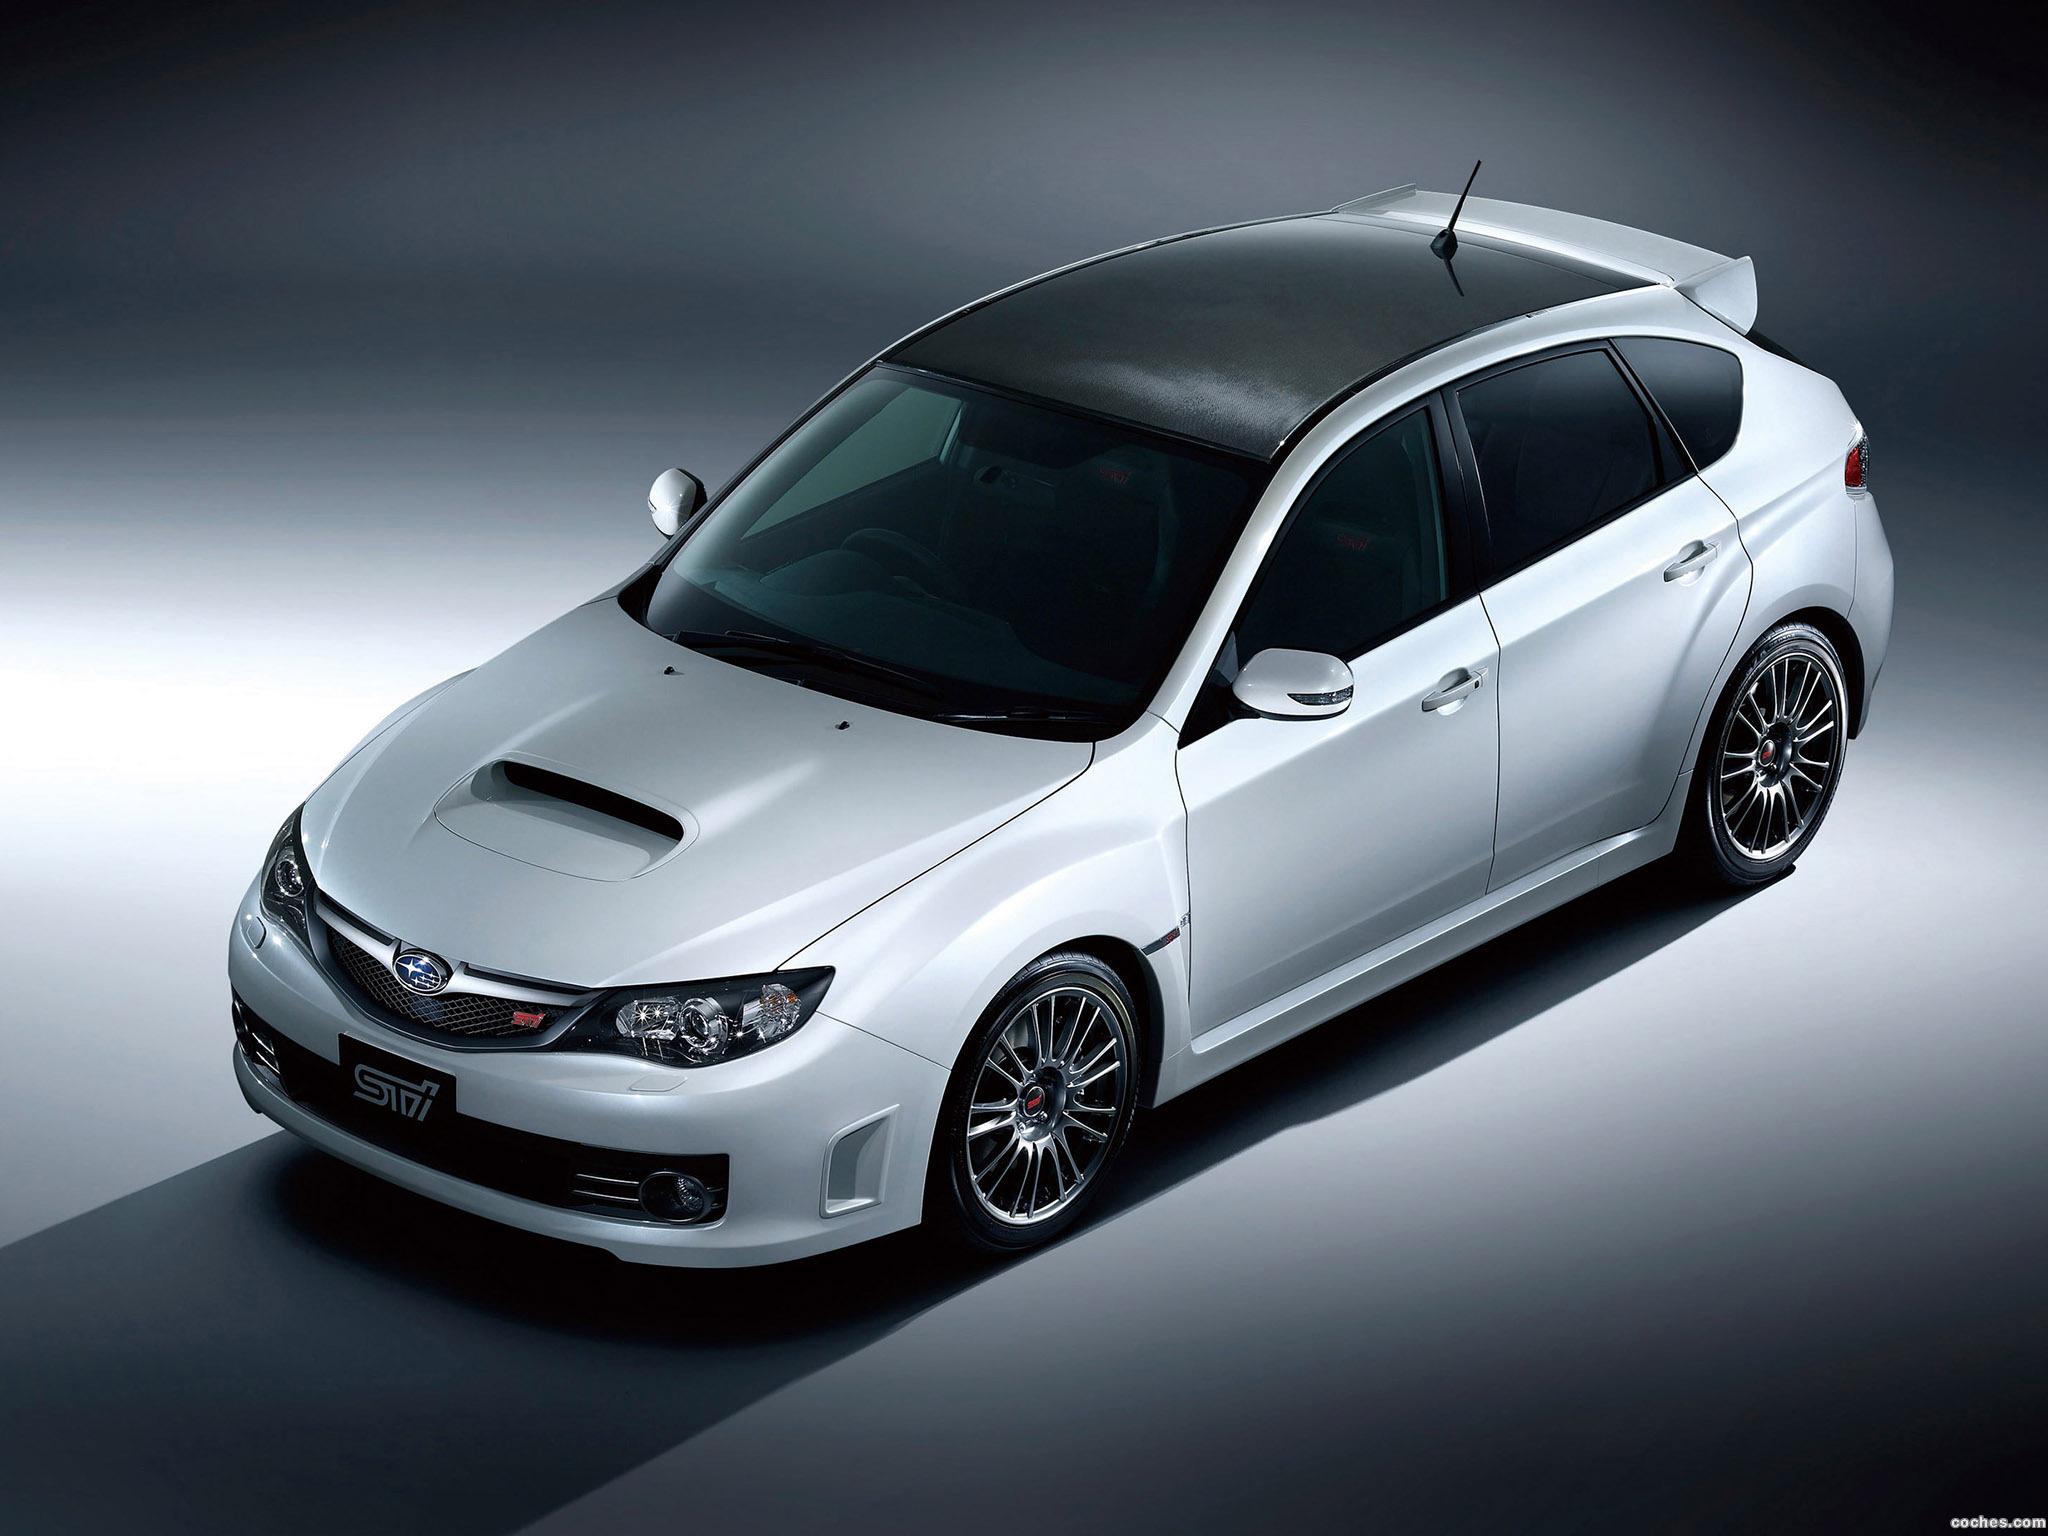 Foto 0 de Subaru Impreza WRX STi Carbon 2009